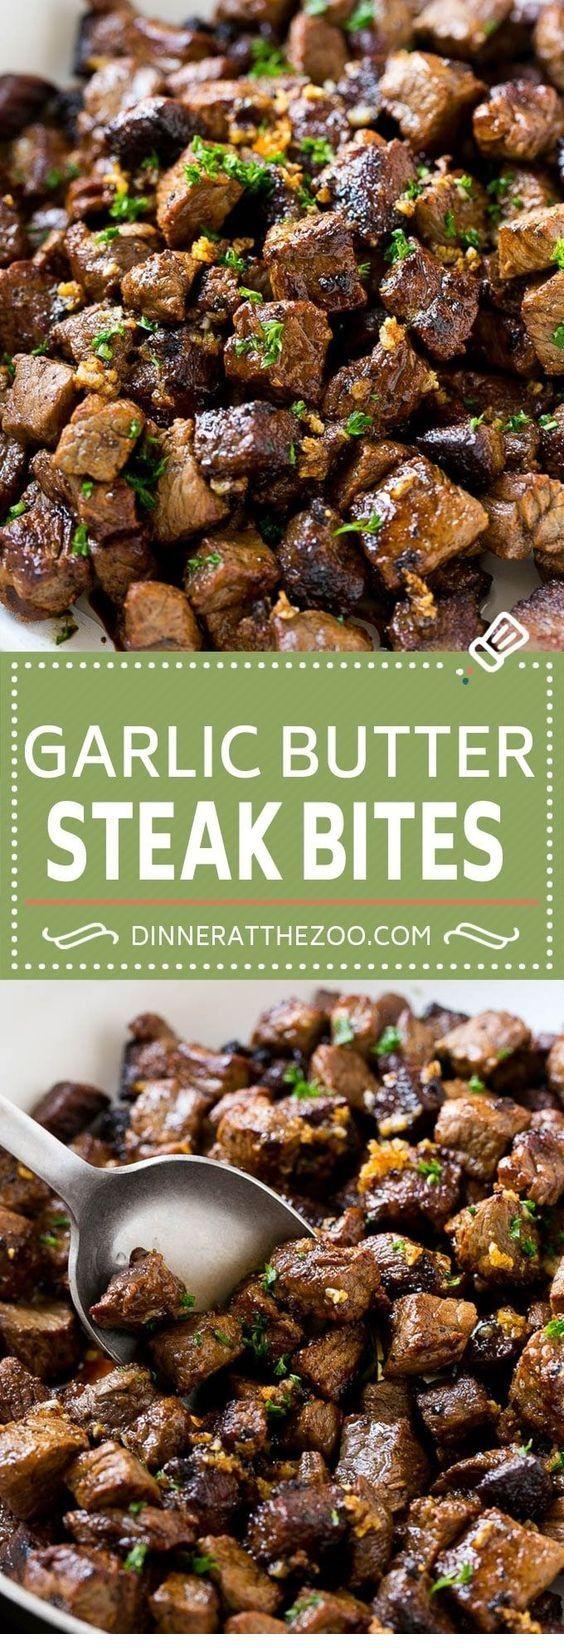 Steak Bites With Garlic Butter  #beefsteakrecipe